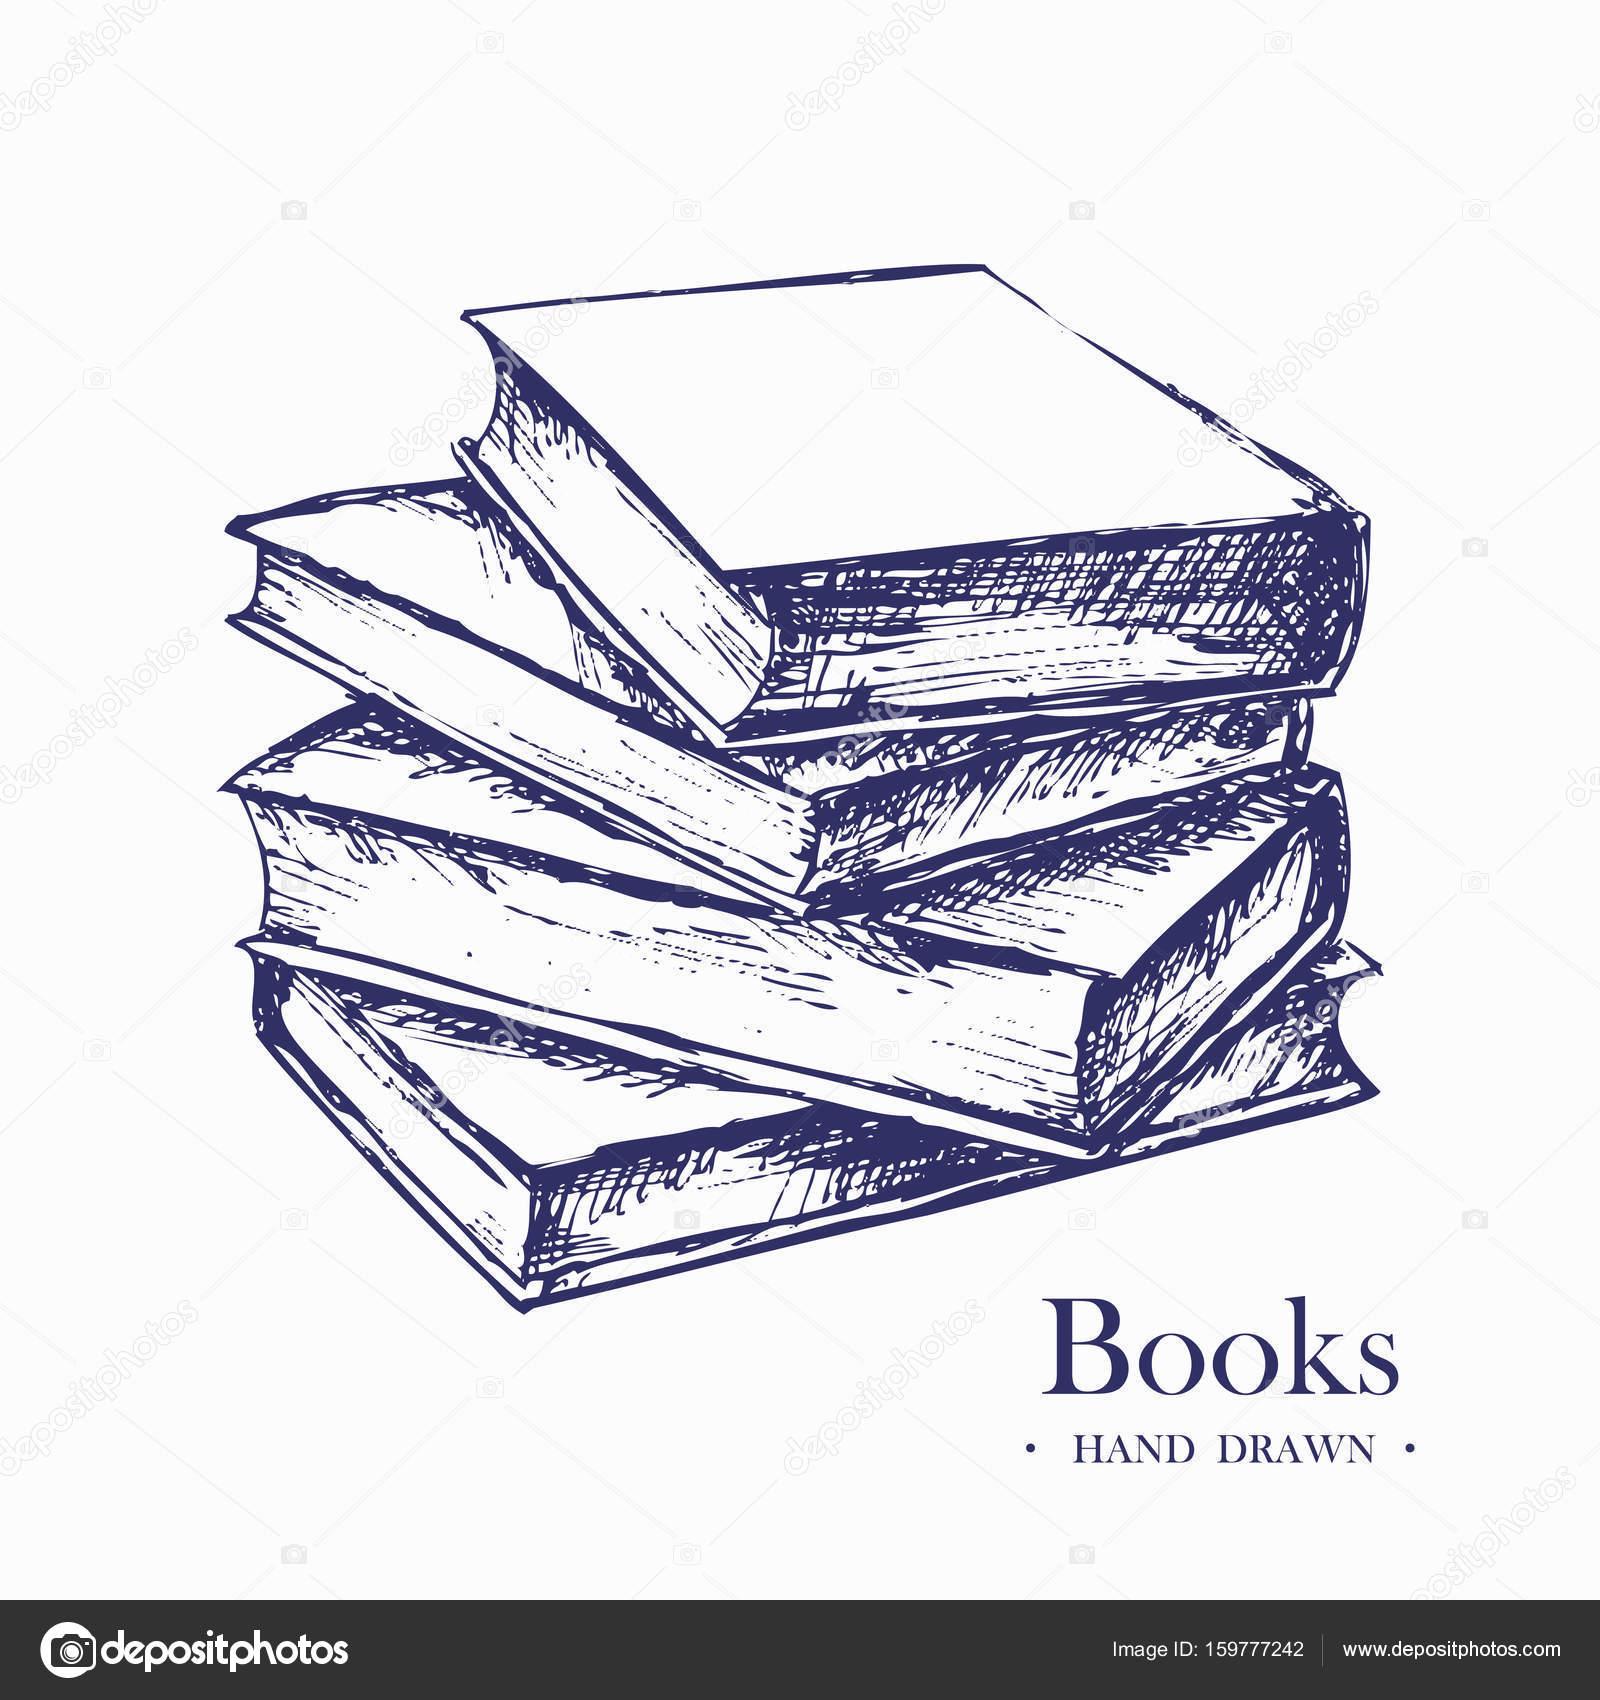 Bücherstapel gezeichnet  Stapel Bücher, Hand gezeichnet Skizze Vektor-illustration ...